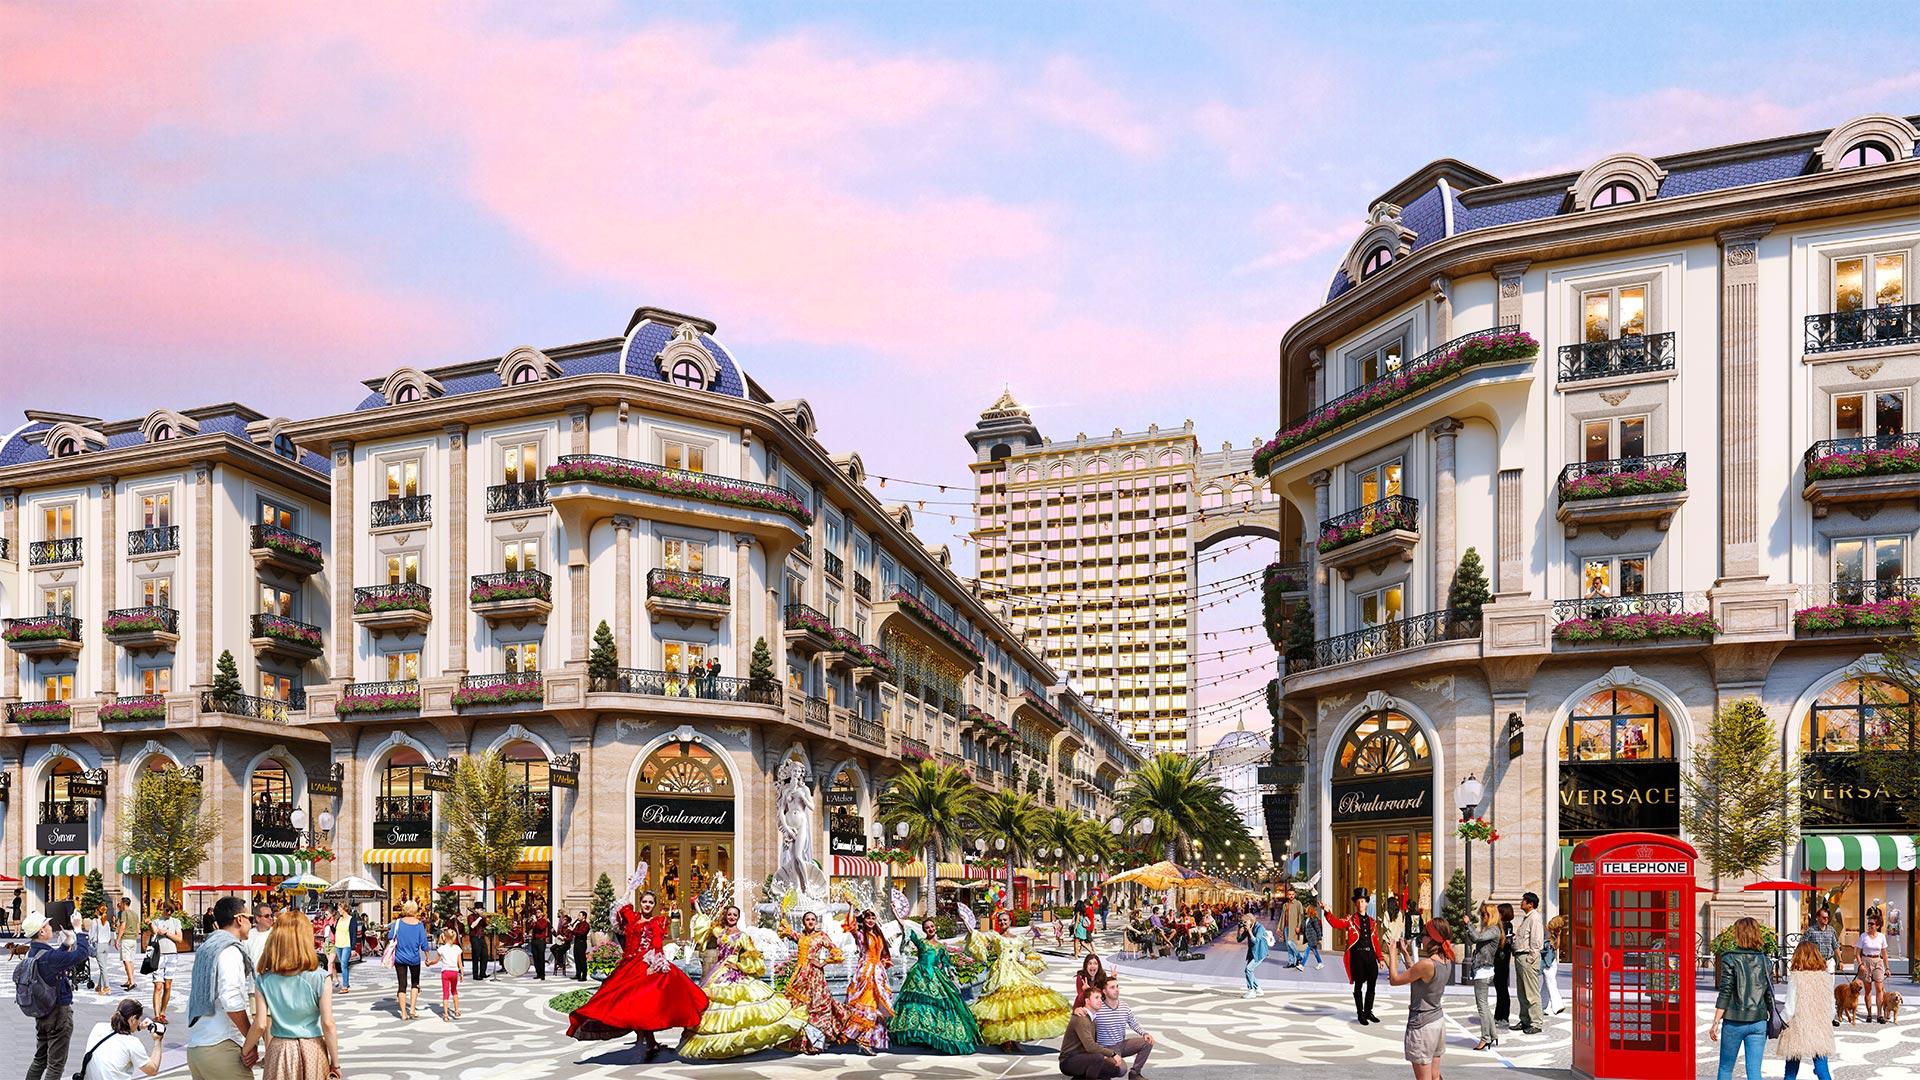 Khám phá tuyến phố đi bộ thương mại đẳng cấp châu Âu tại Khu Đông Sài Gòn 14